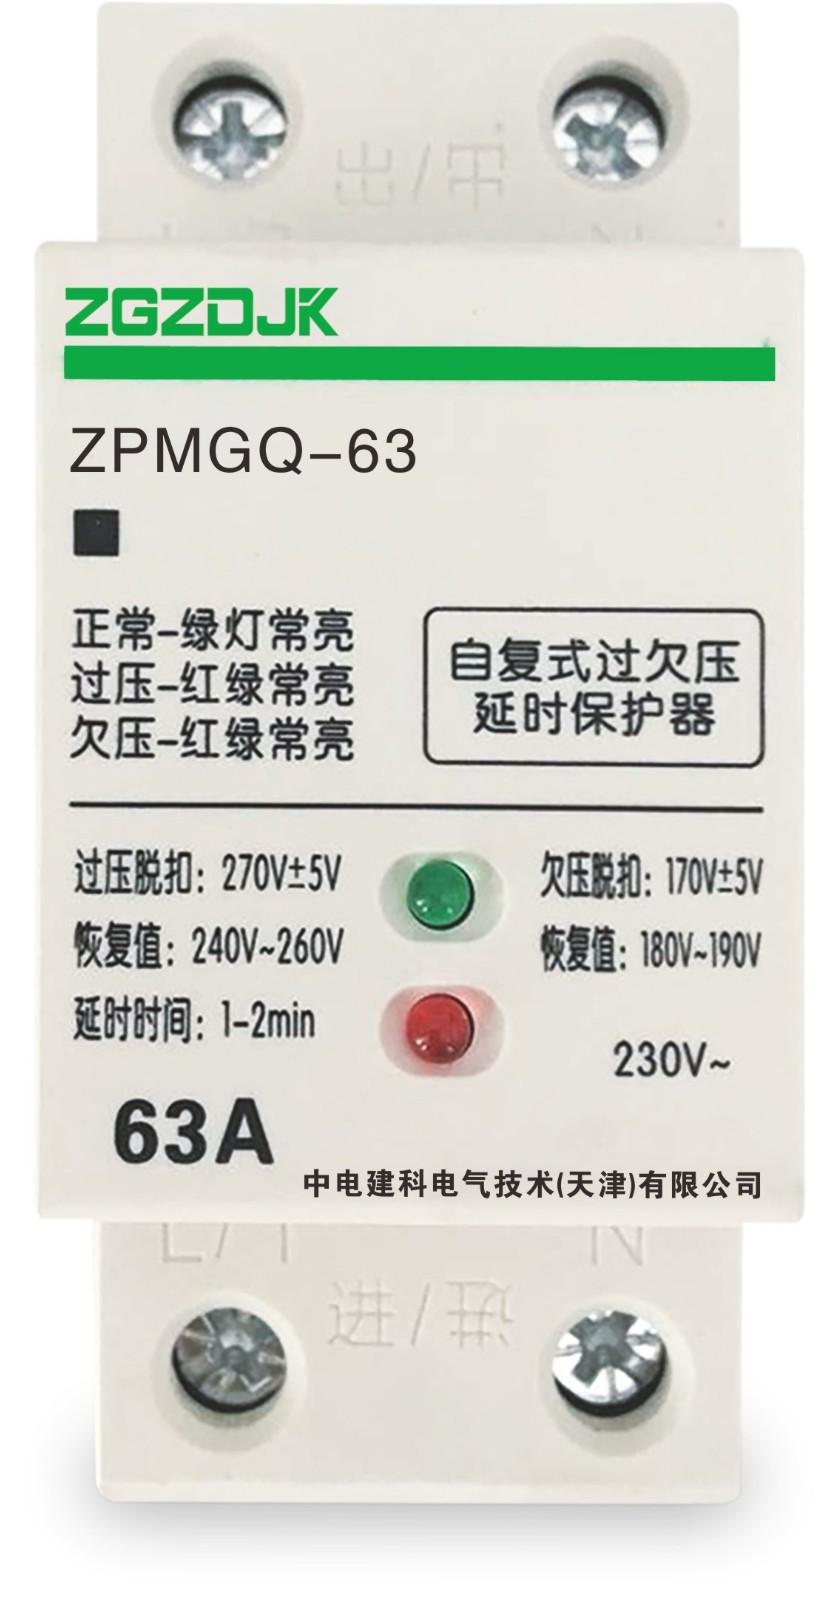 口碑好自复式过欠压延时保护器定制-优质三相多功能电力仪表价格-中电建科电气技术(天津)有限公司